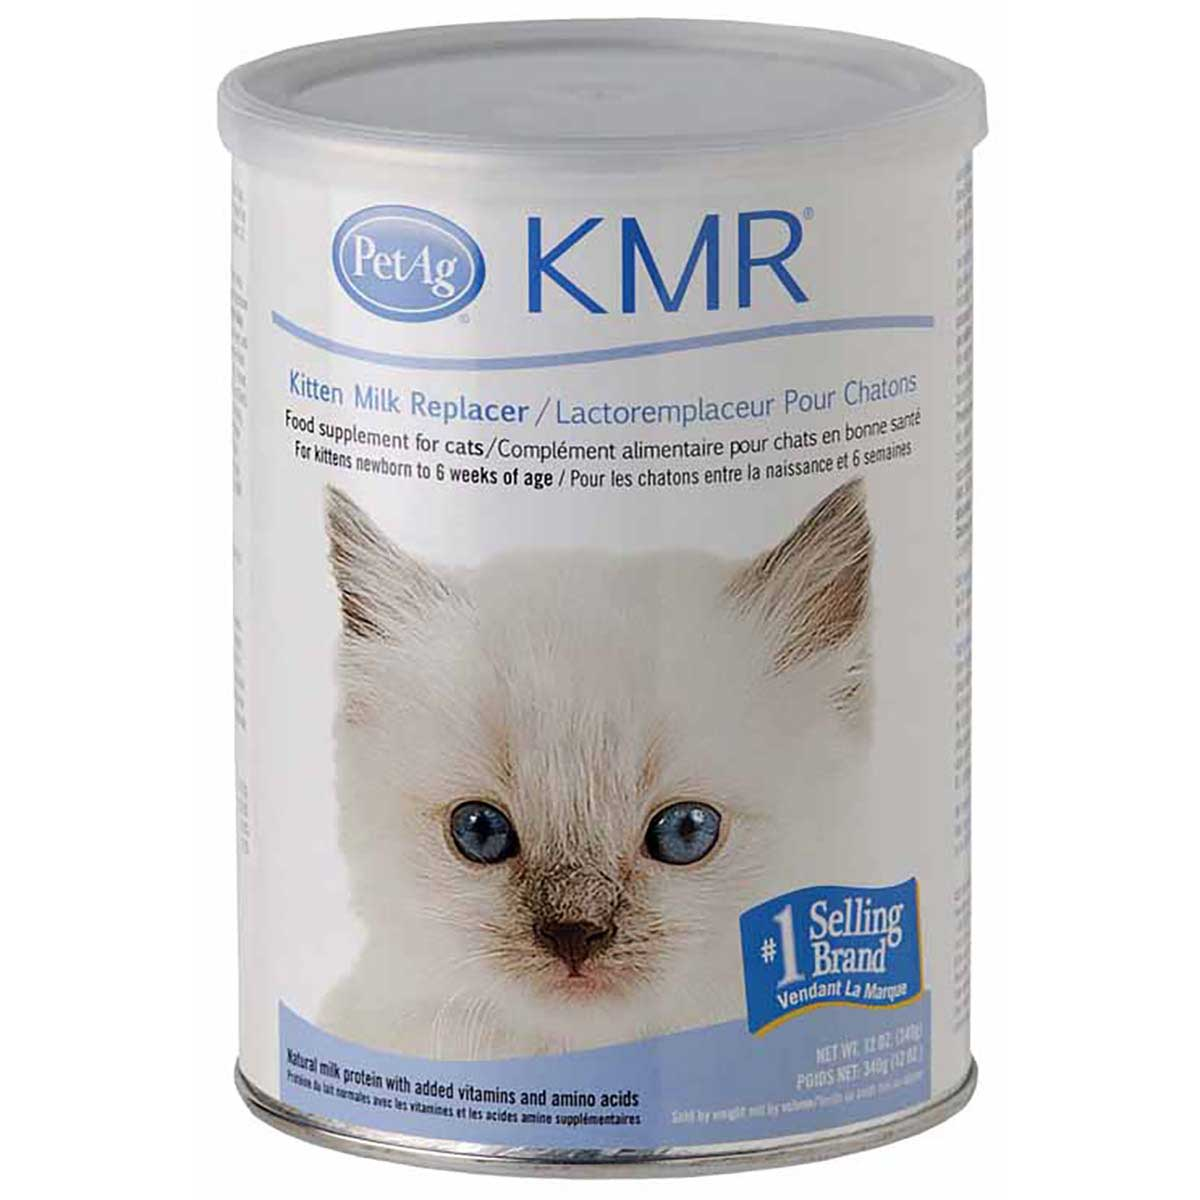 PetAg KMR Kitten Milk Replacer Powder 12 oz